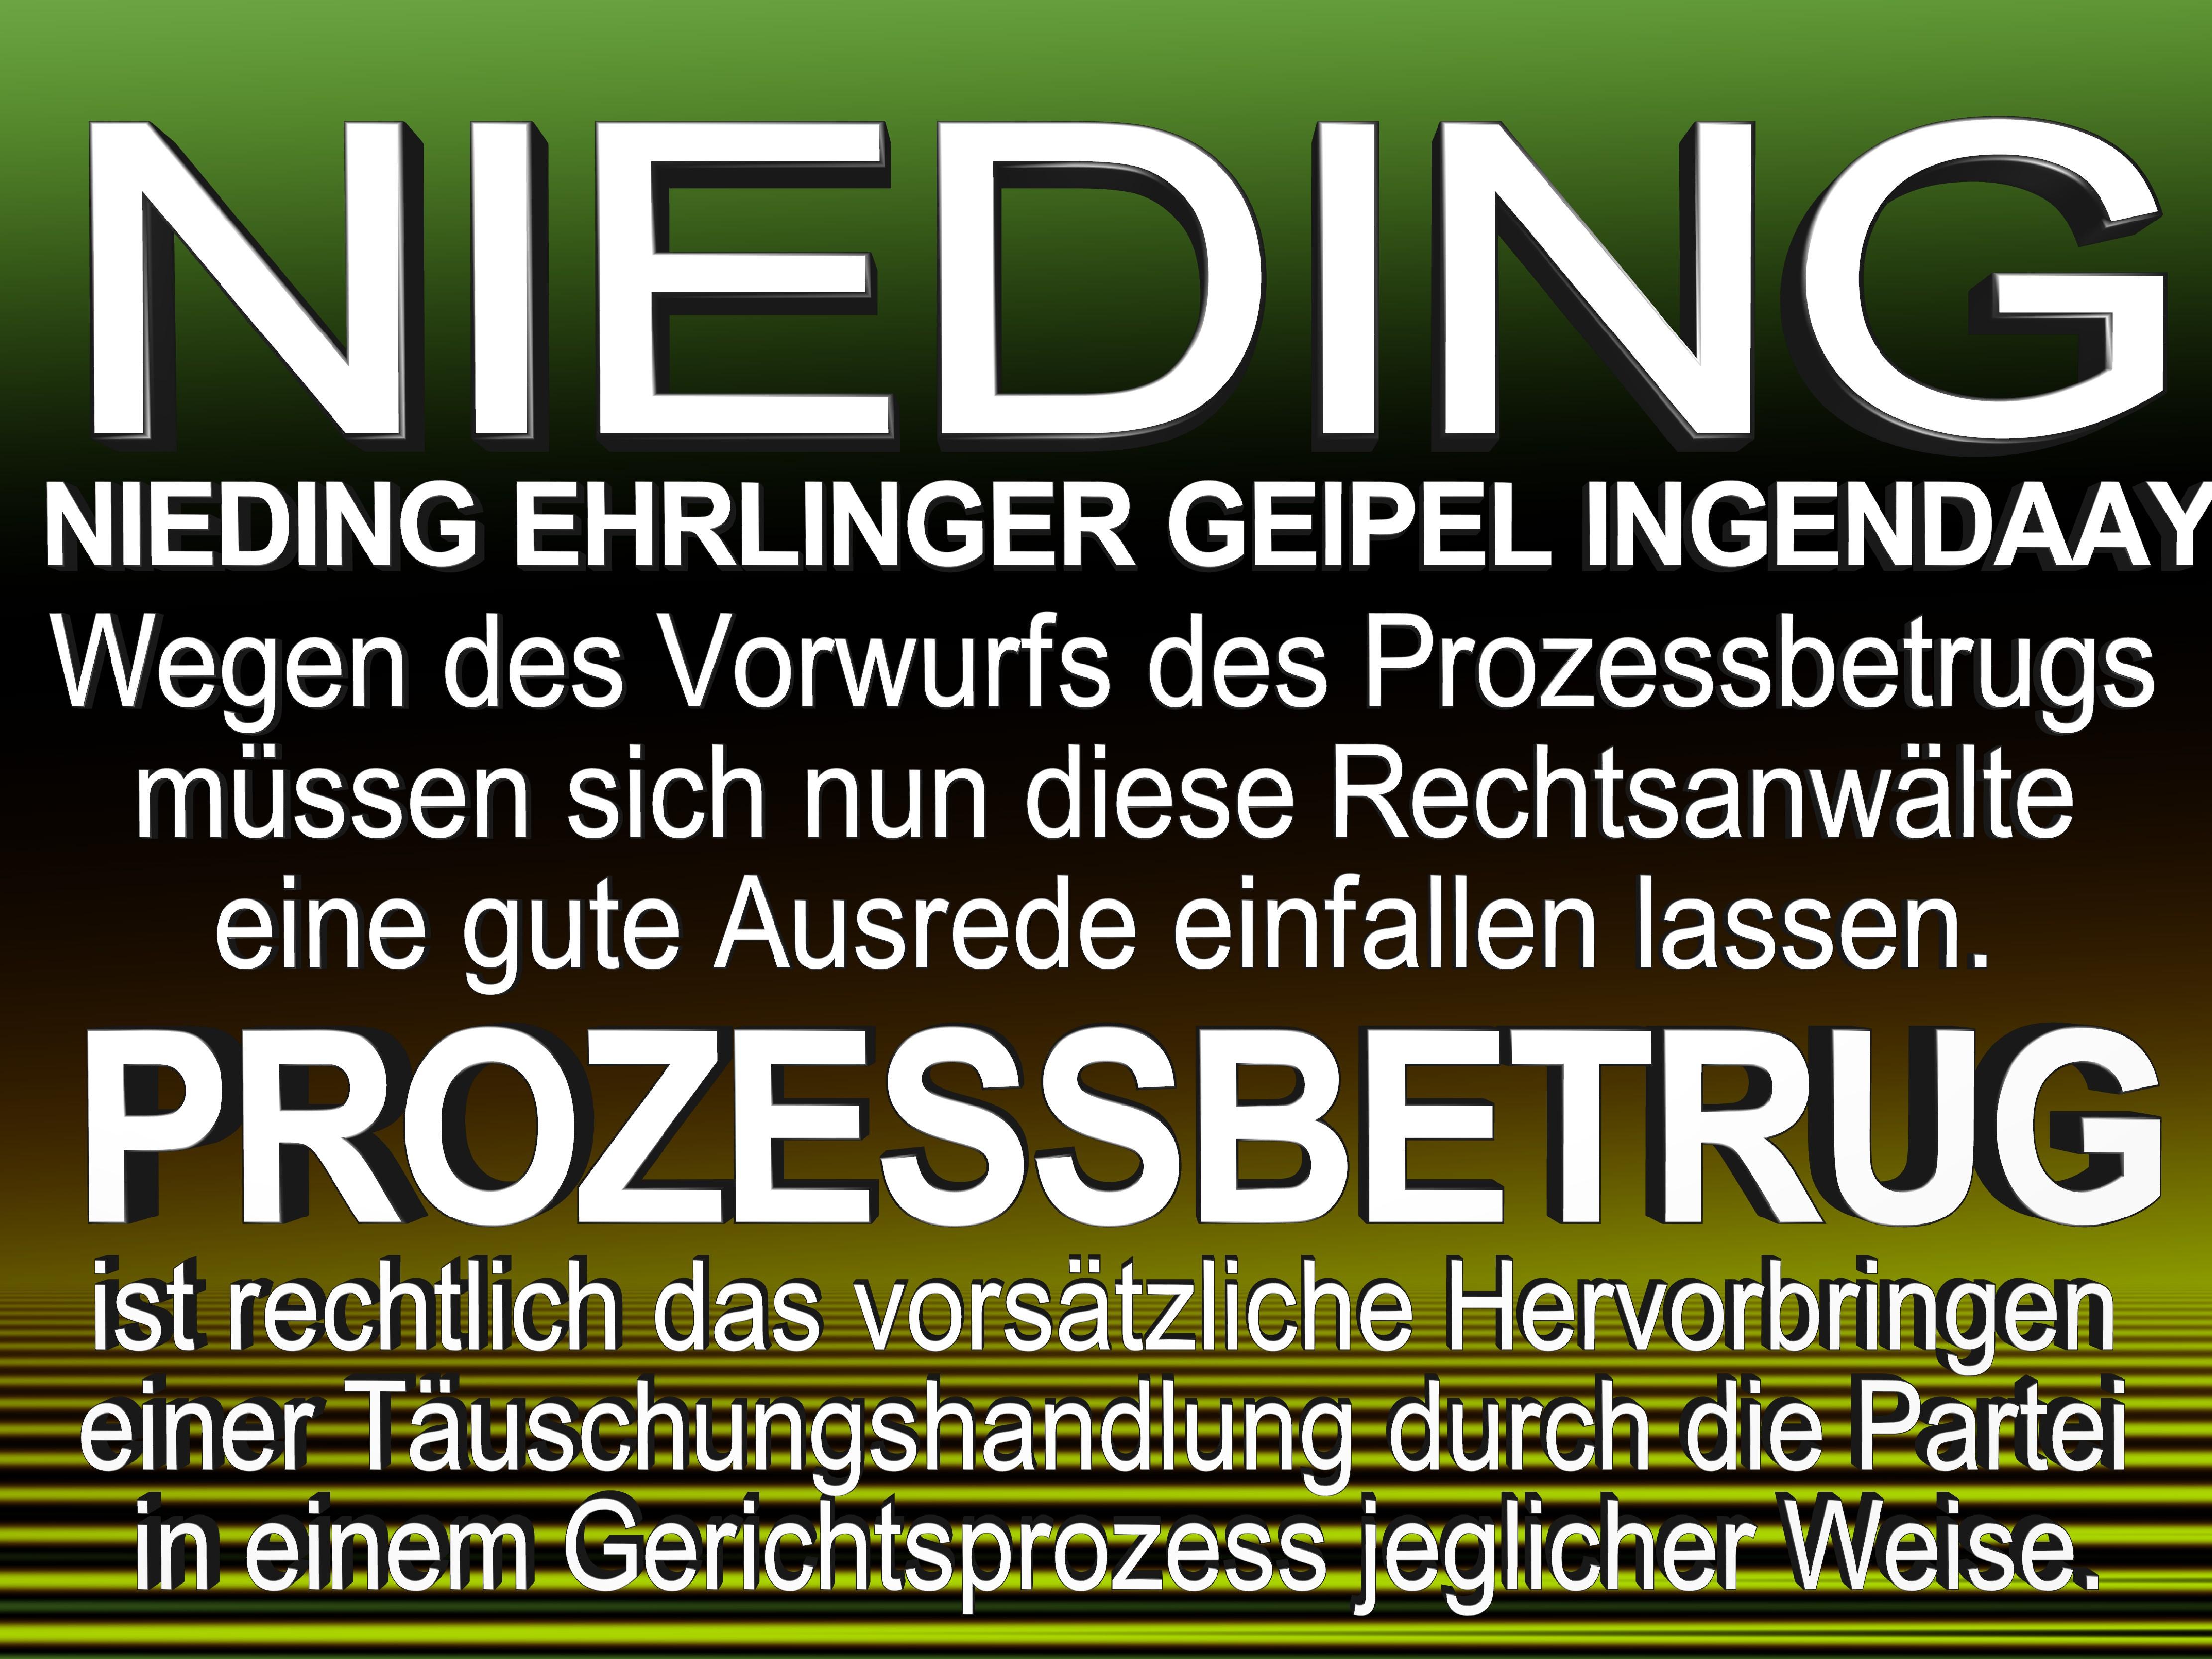 NIEDING EHRLINGER GEIPEL INGENDAAY LELKE Kurfürstendamm 66 Berlin (145)